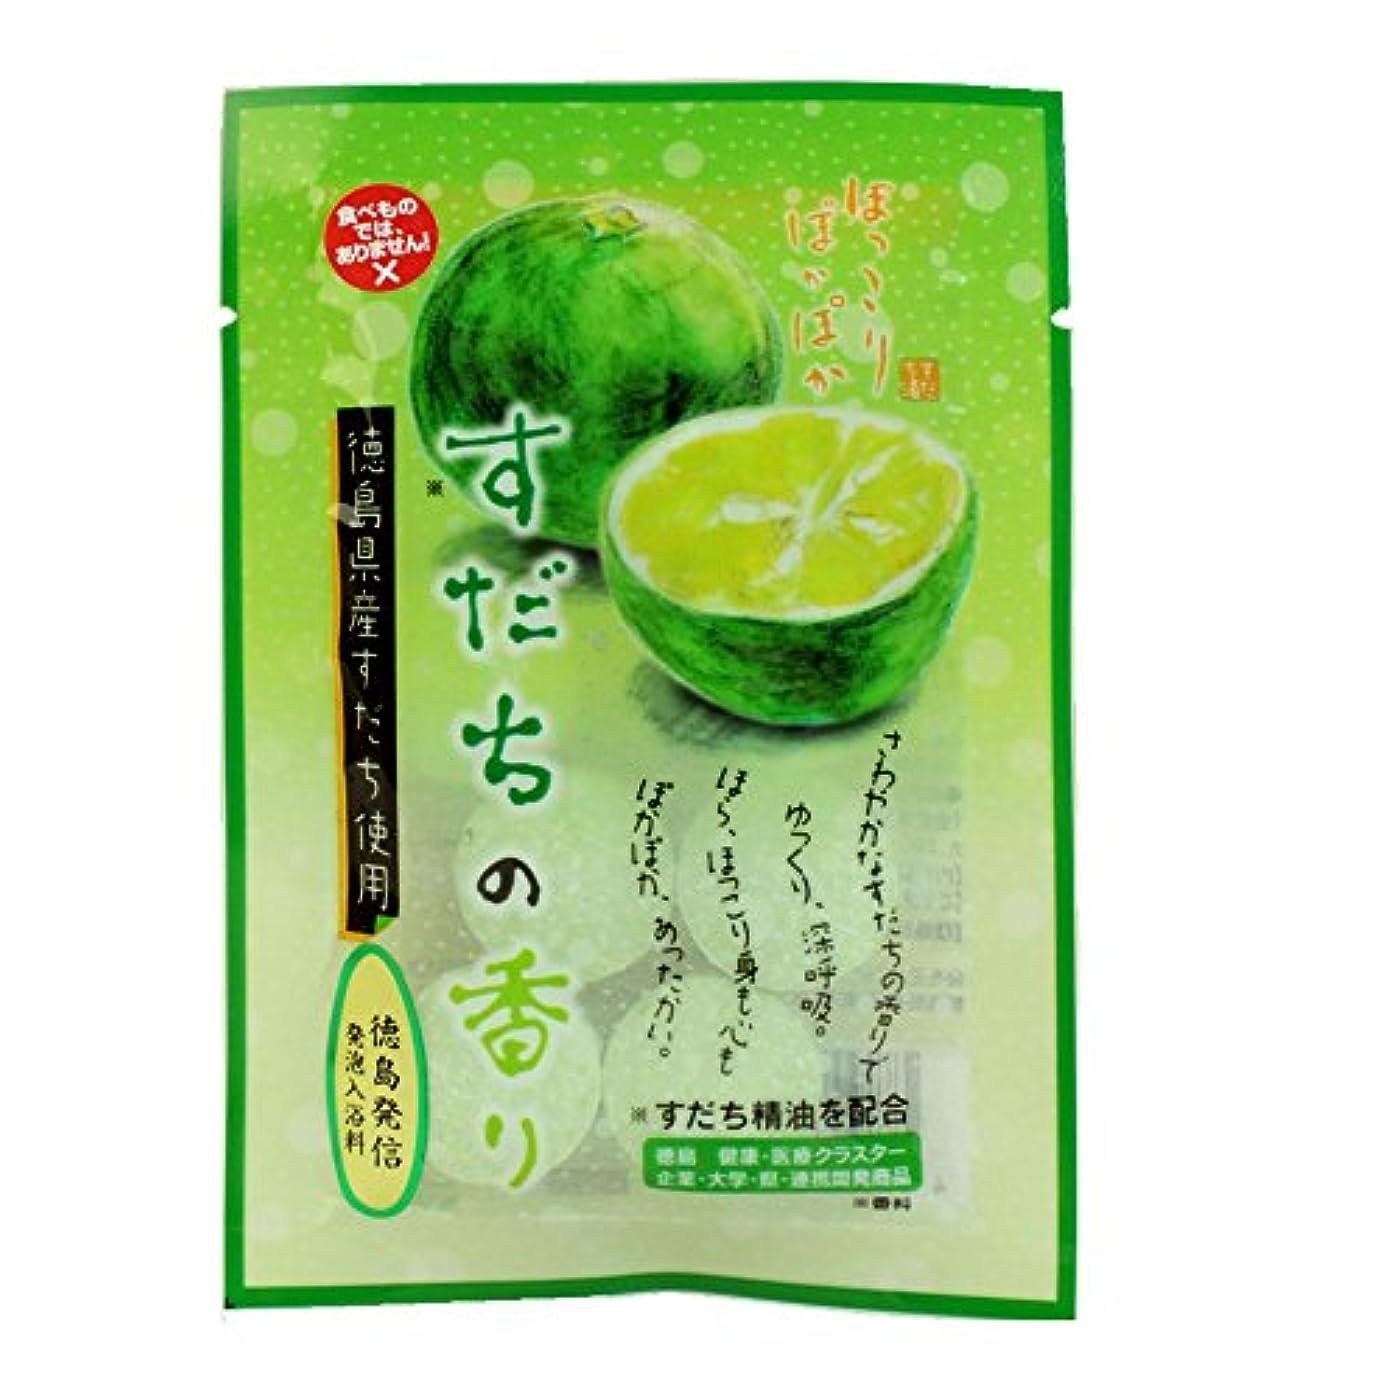 価値インフラトークンすだちの香り 発泡入浴料 1袋 徳島県産すだち使用 860 送料無料